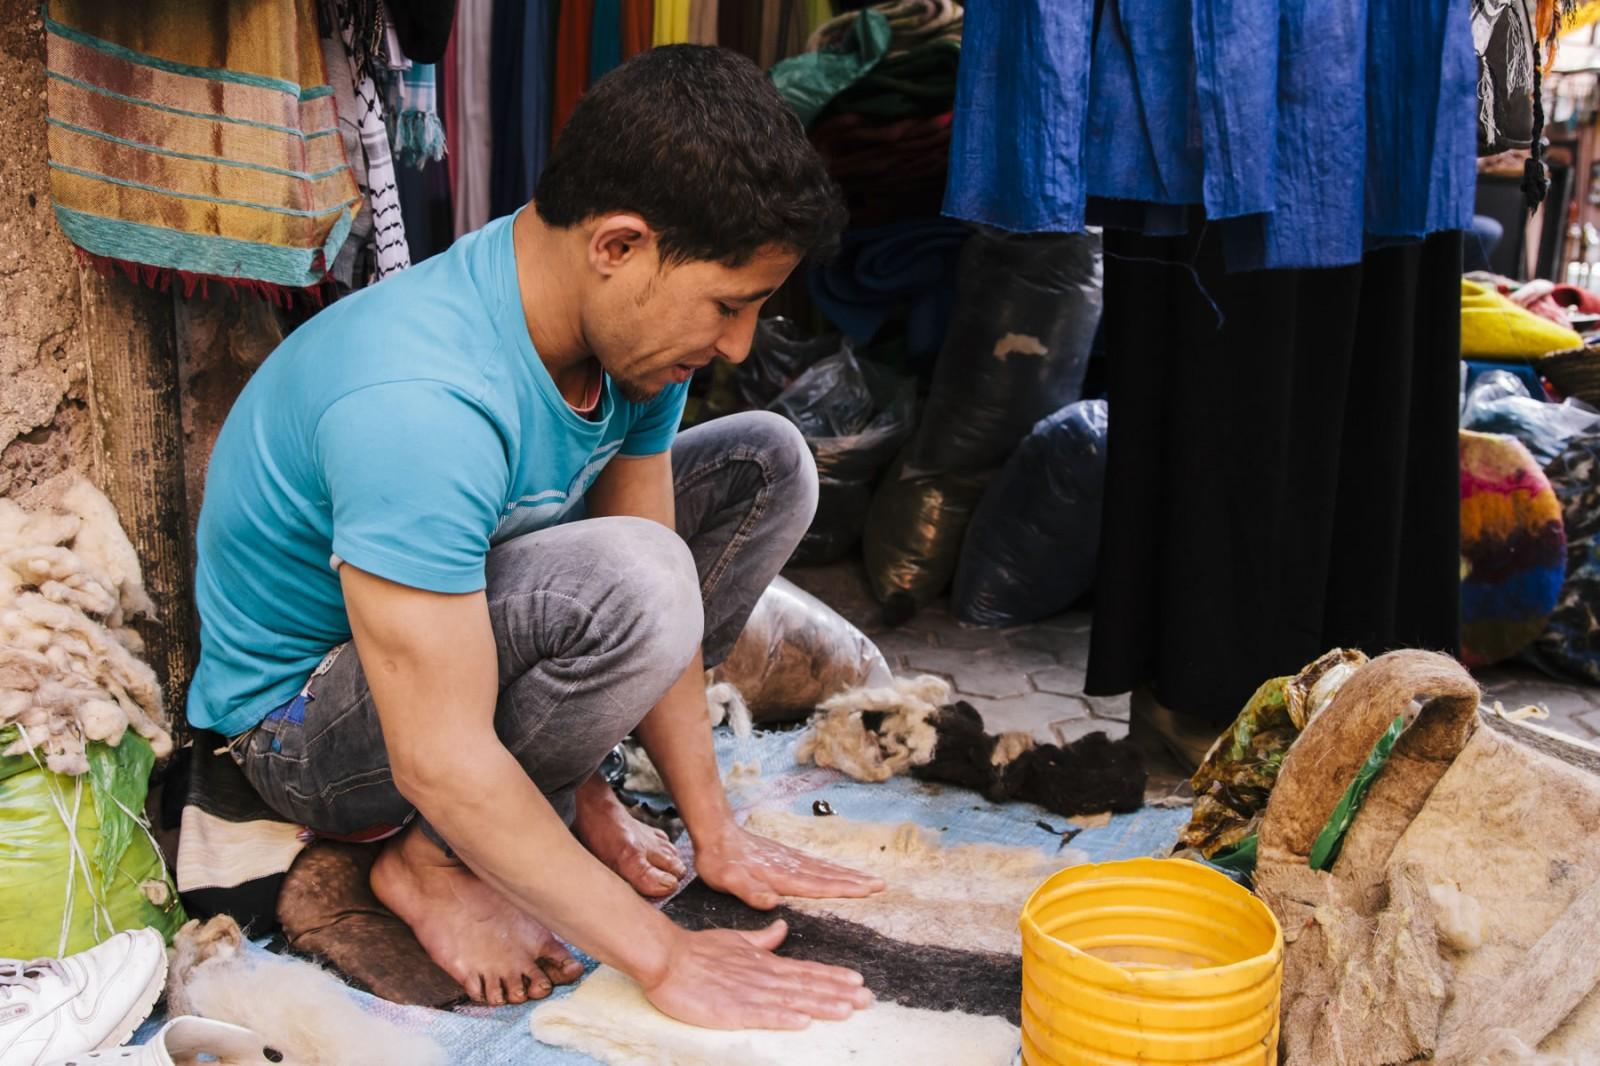 201303-Marrakech-021,xlarge.jpg